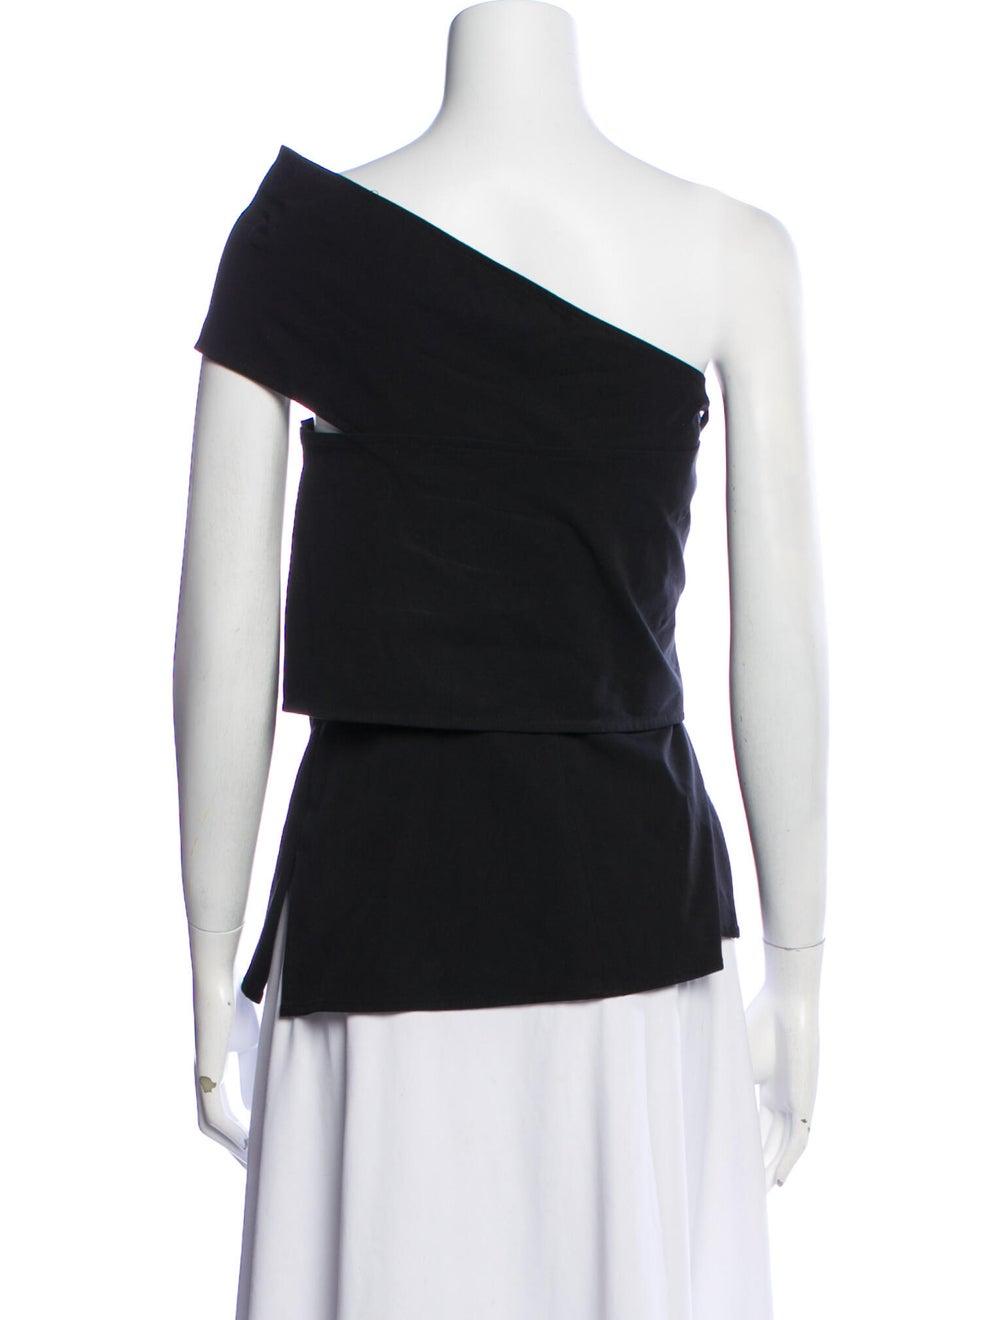 Beaufille One-Shoulder Short Sleeve Top Black - image 3